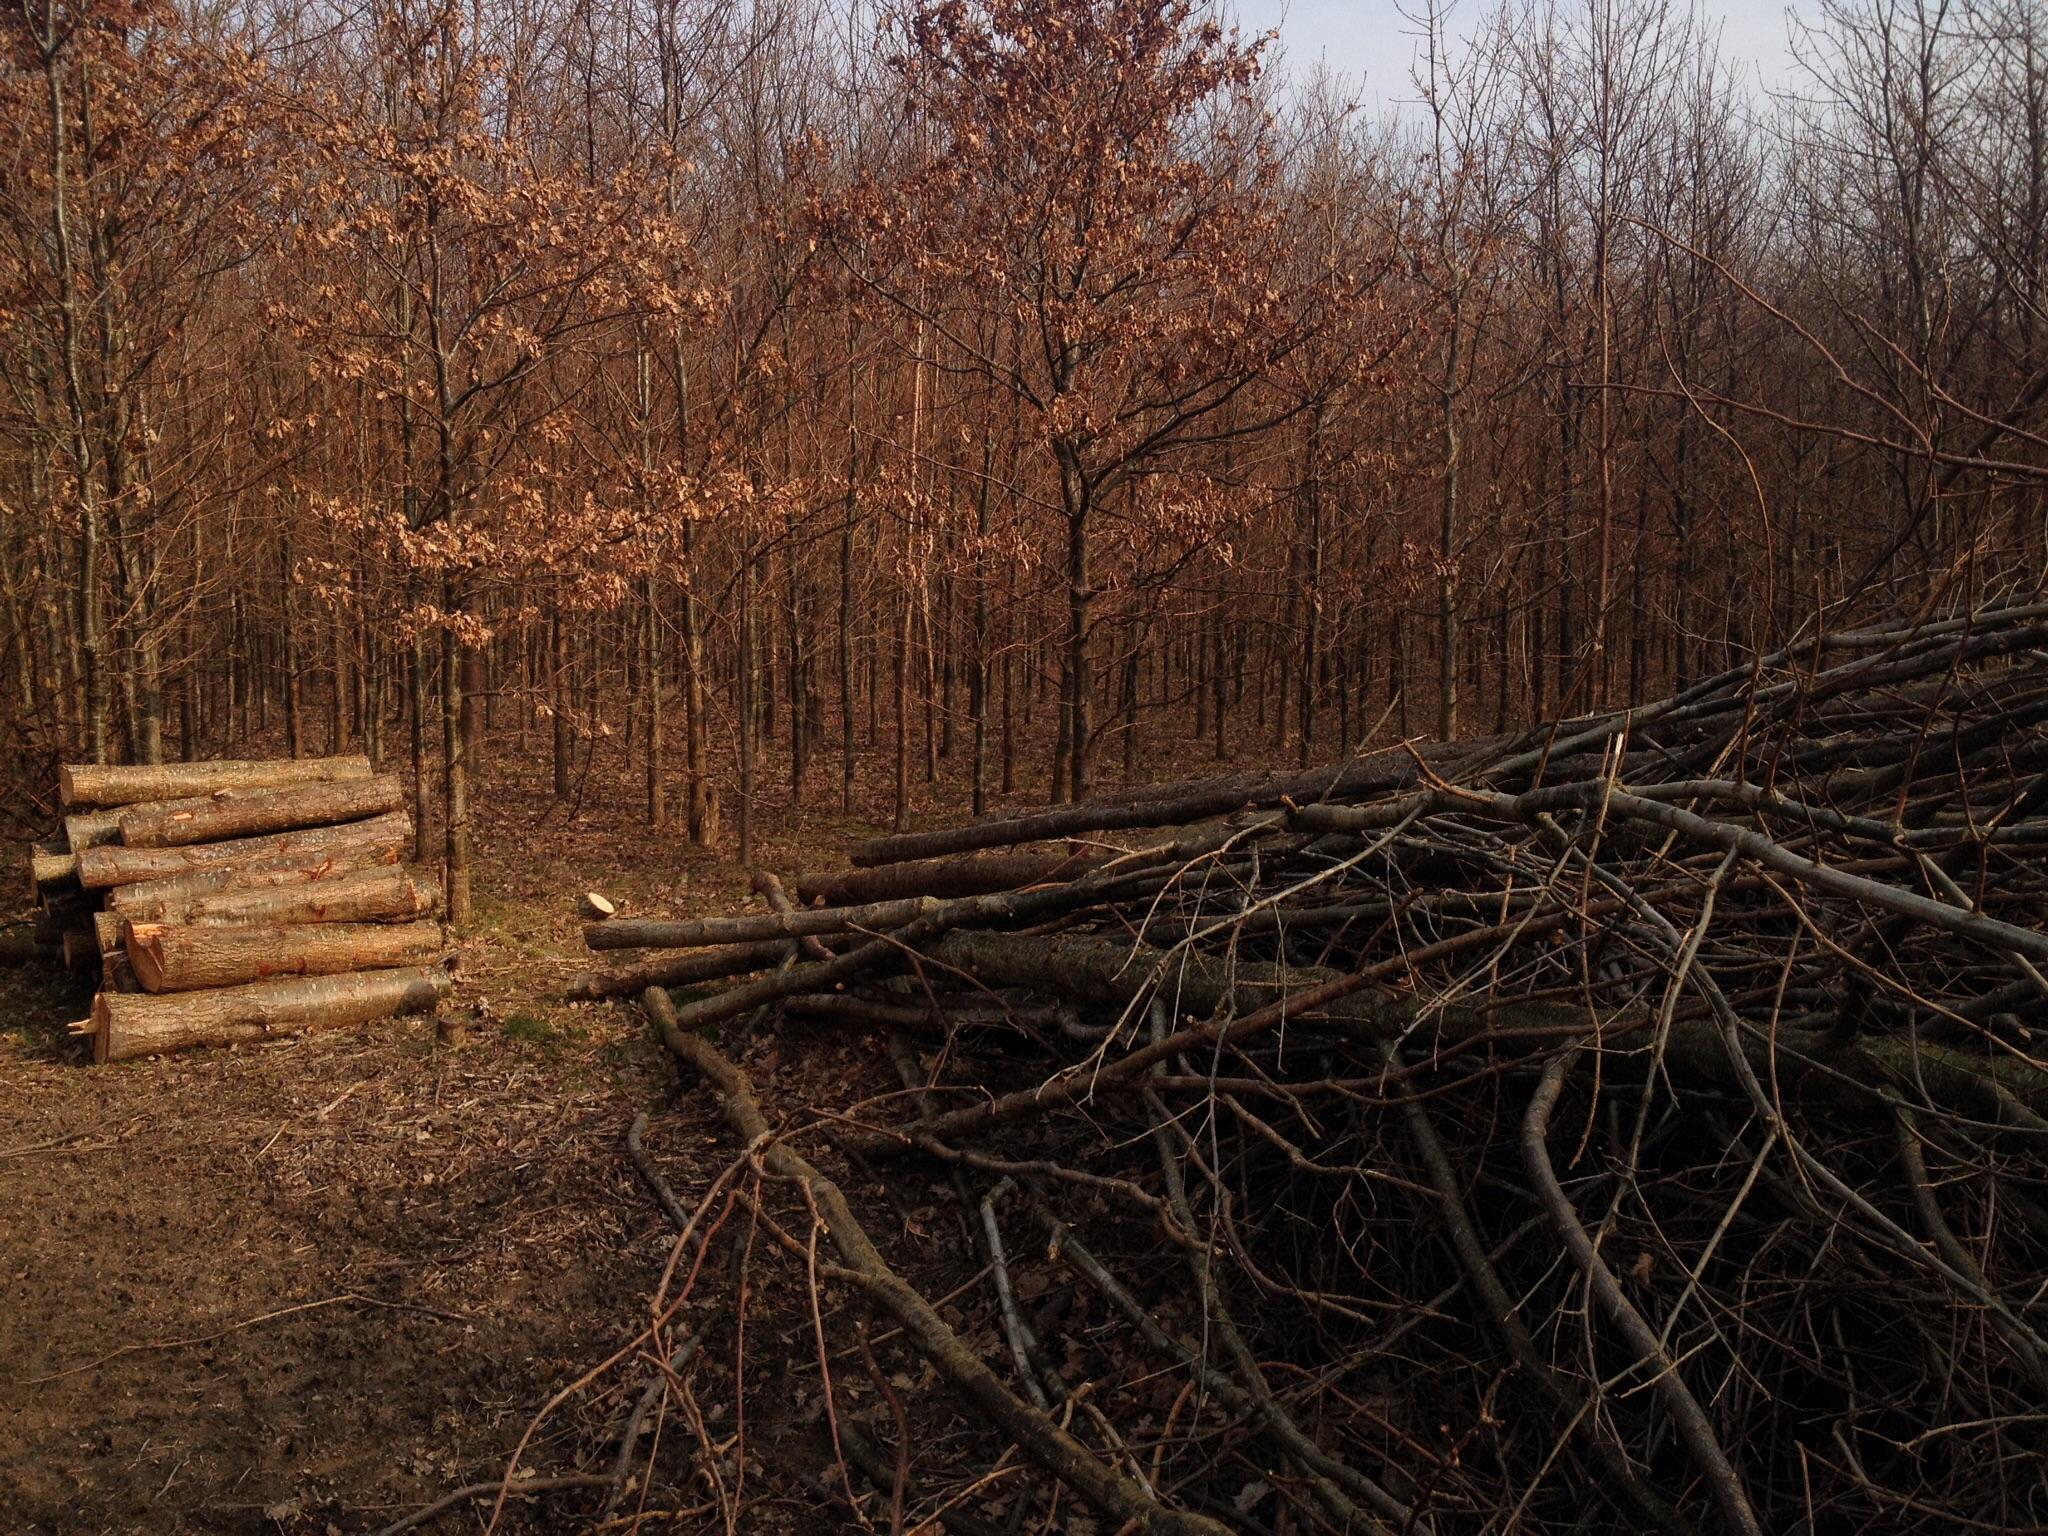 Oprydning i skoven